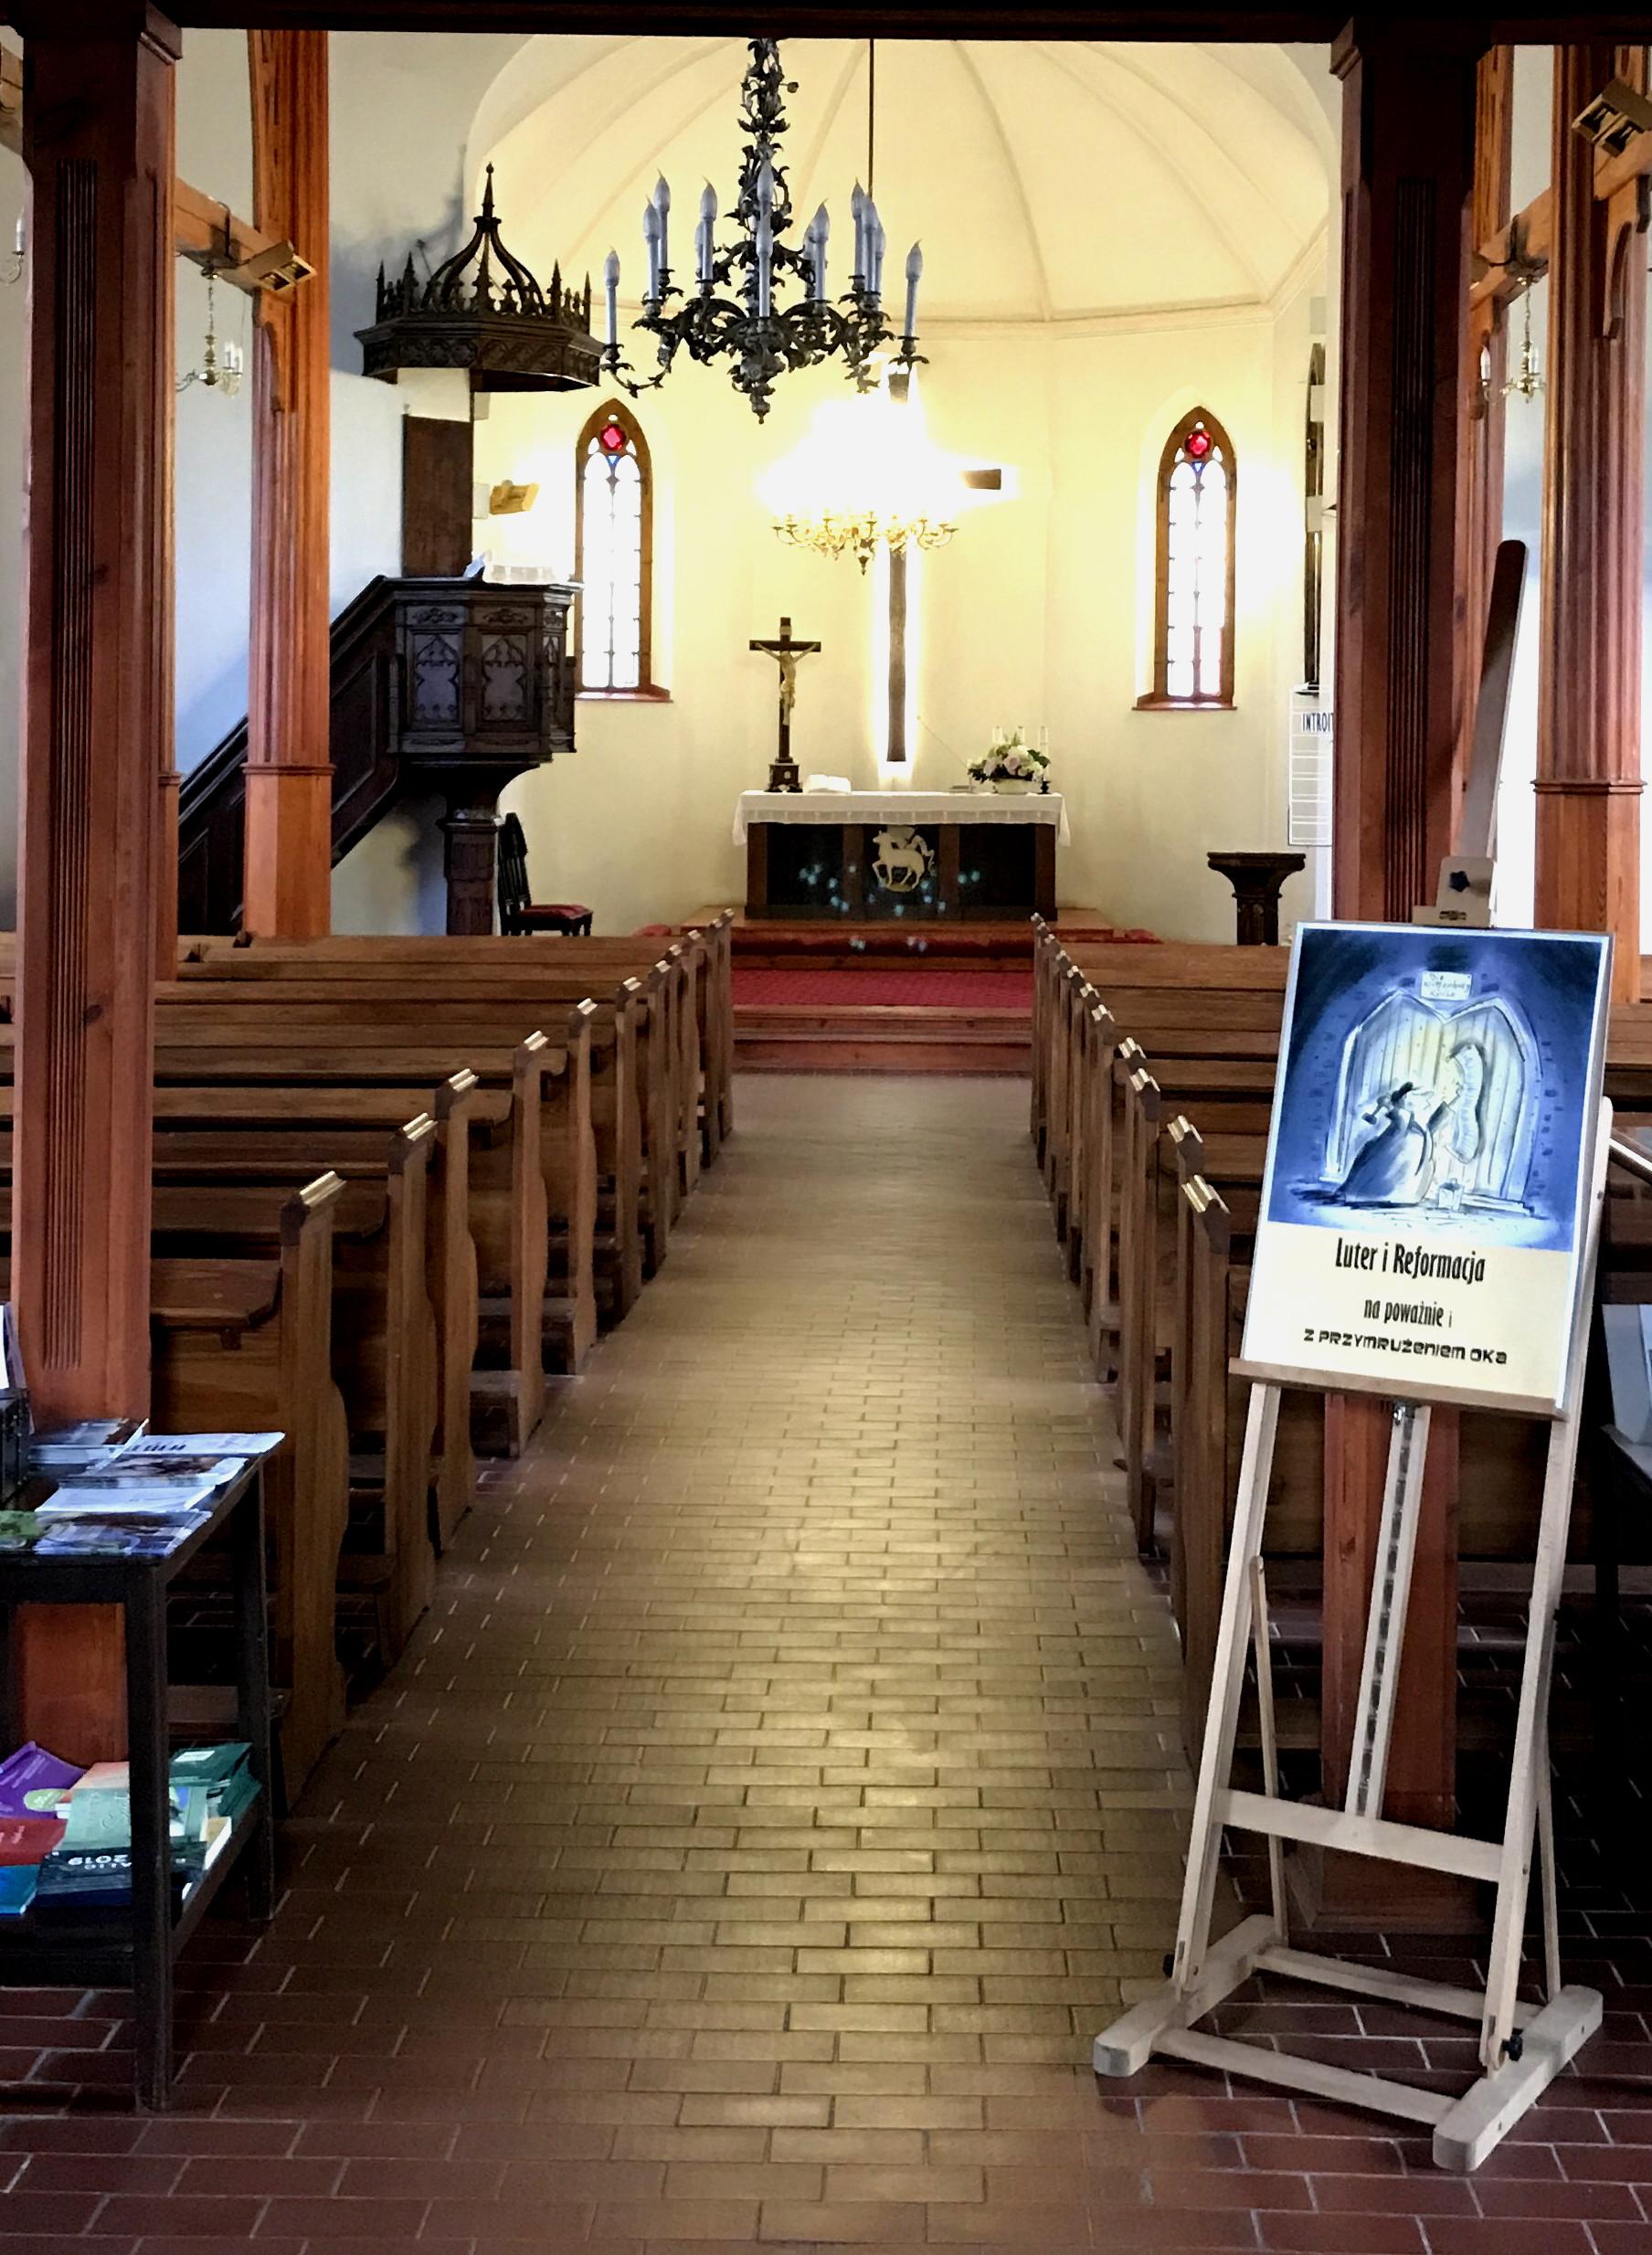 15. Kościół ŚwiętegoKrzyża w Słupsku.